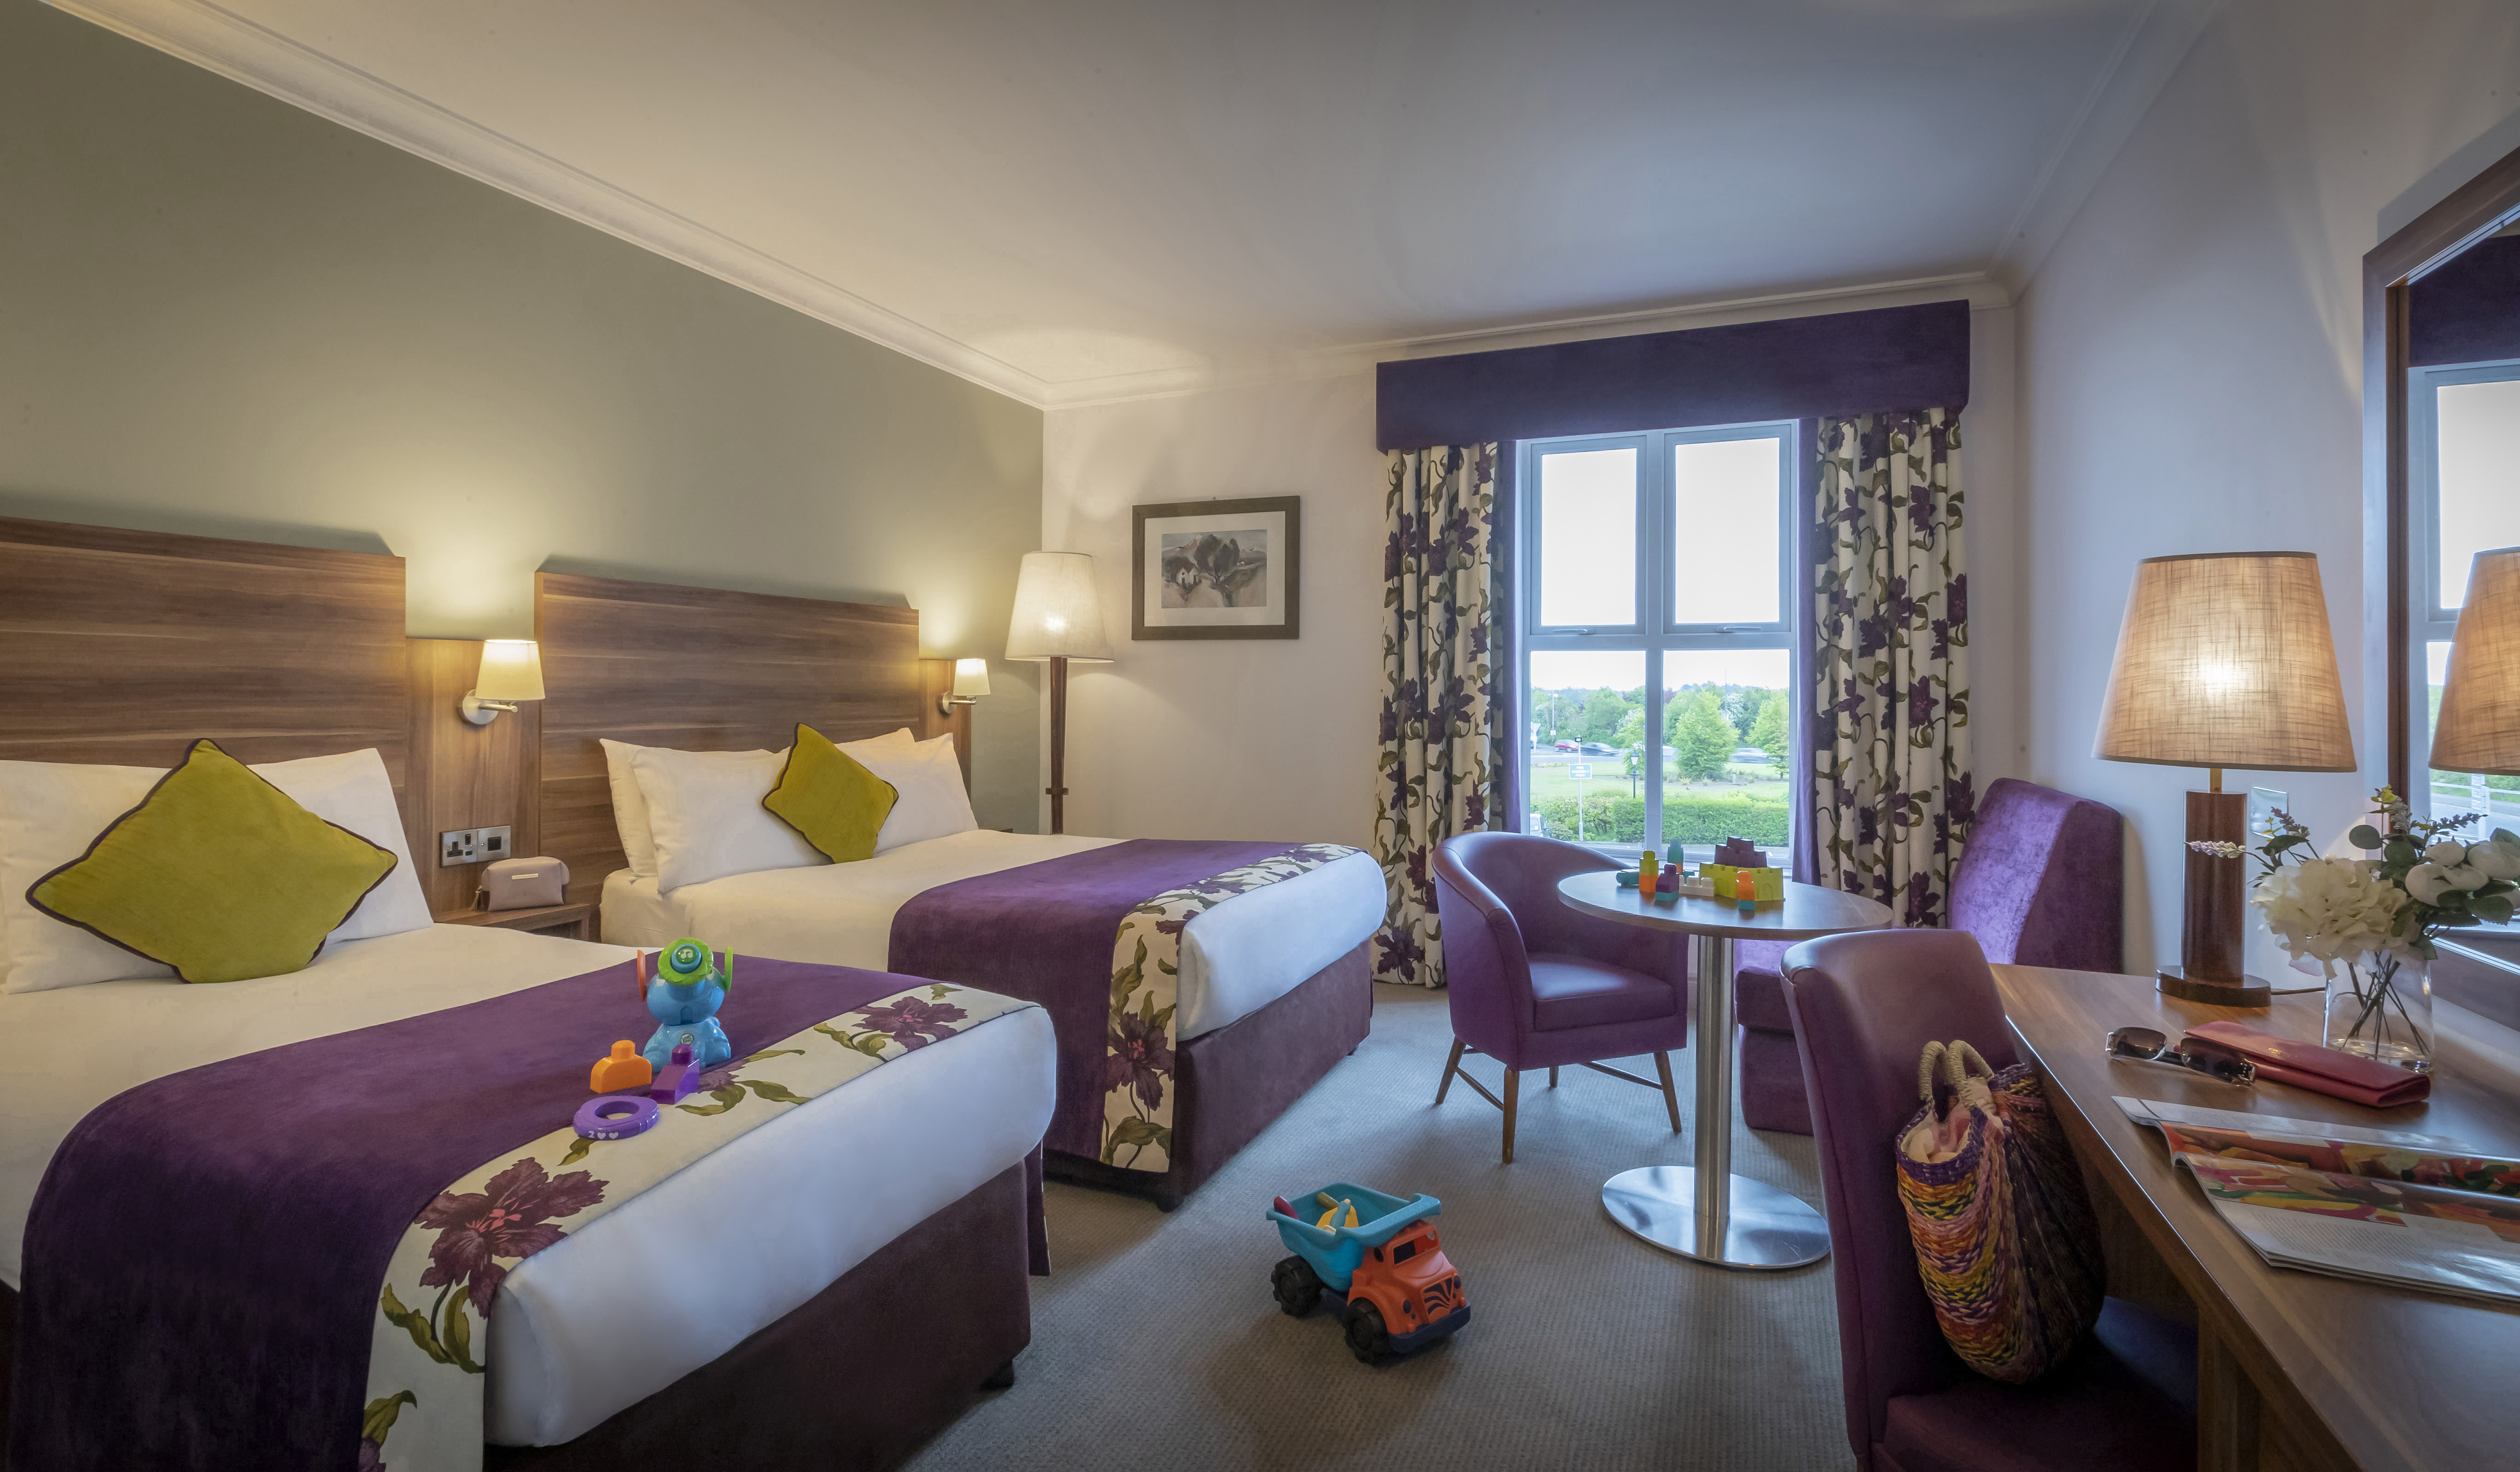 Guesthouse Armorica, Oranmore, Ireland - confx.co.uk